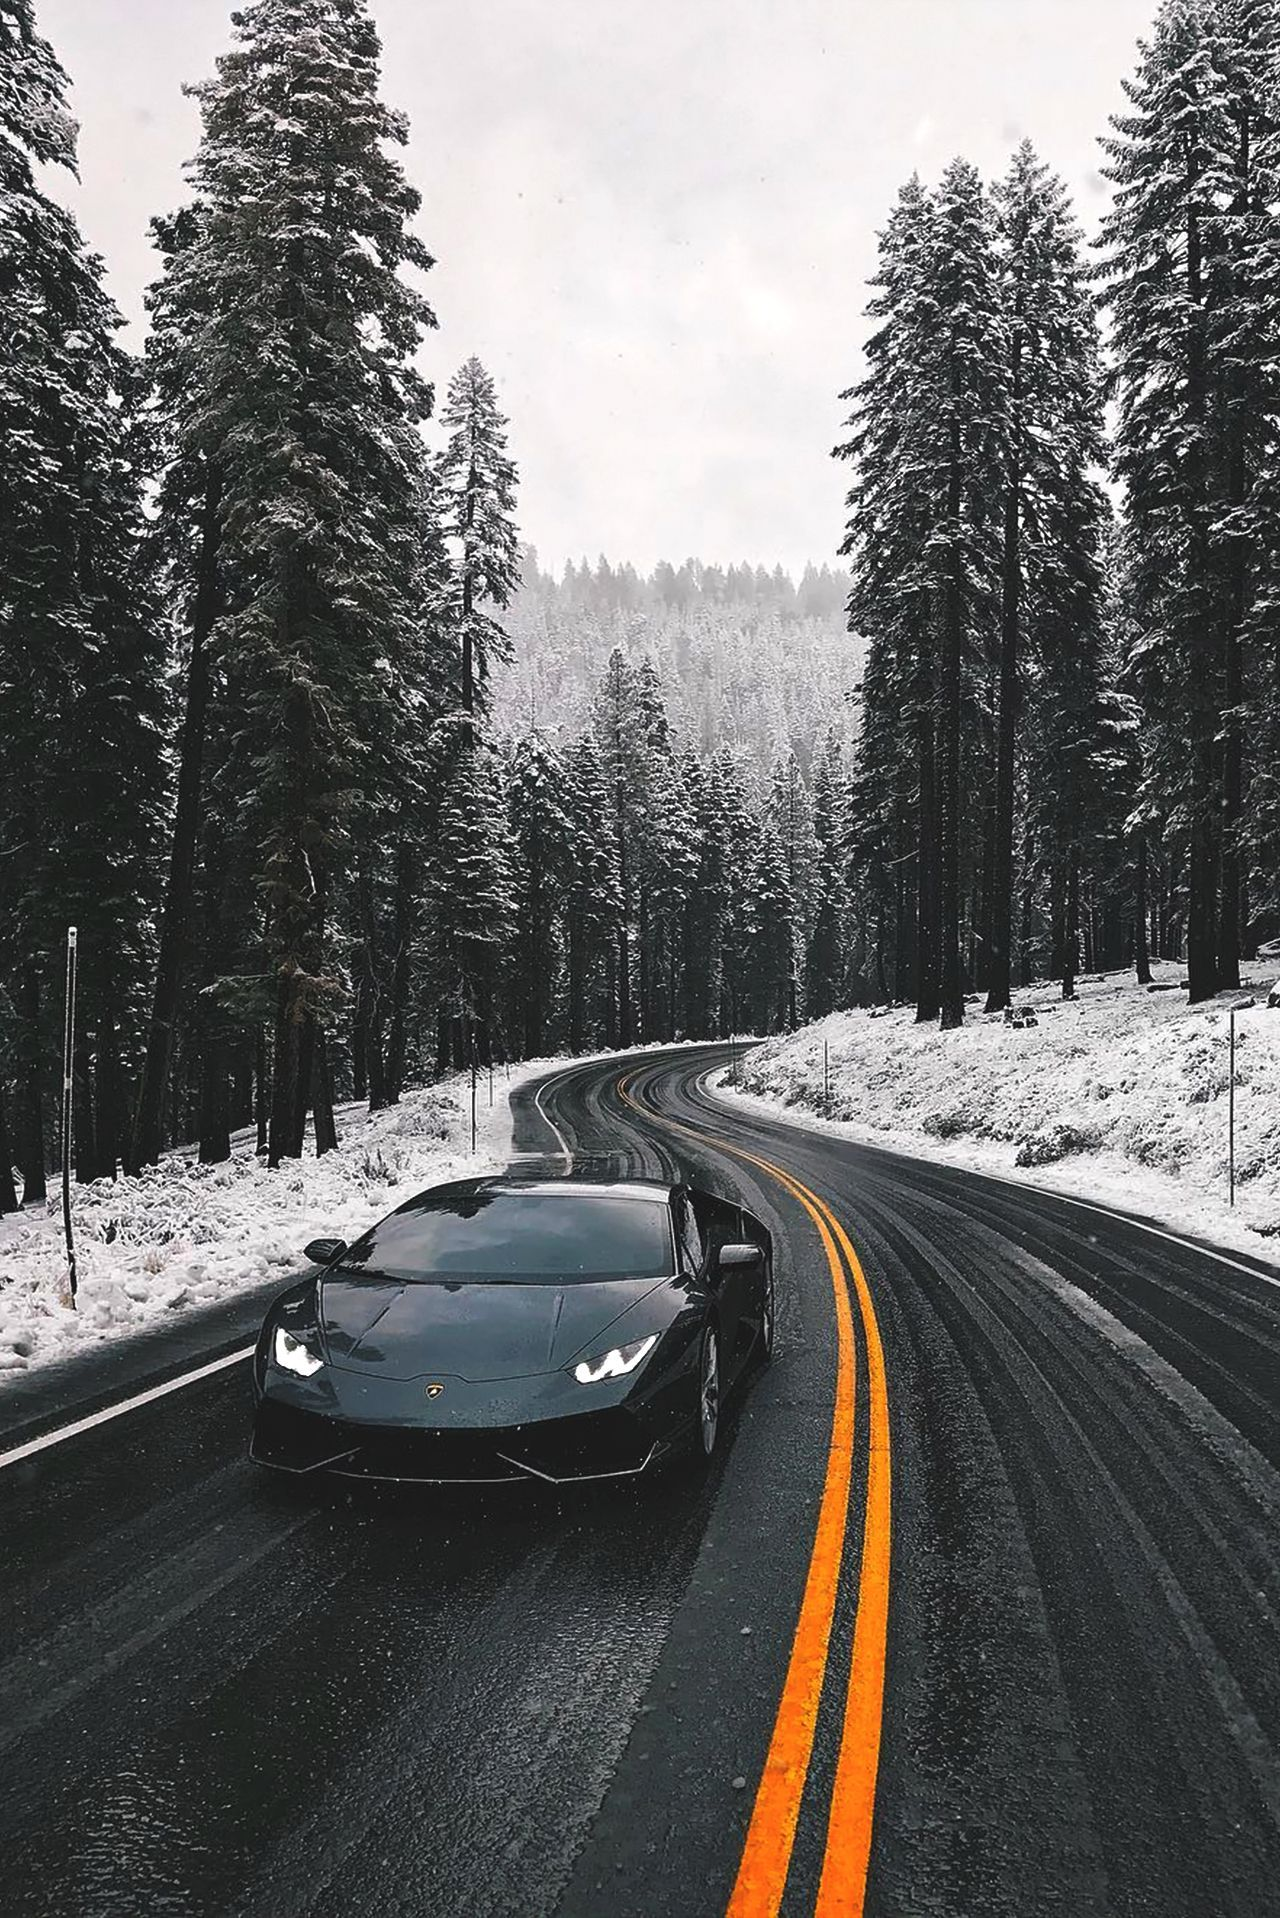 It S Lambo Drift Season By Activfilms More Lamborghini Cars Lamborghini Aventador Wallpaper Lamborghini